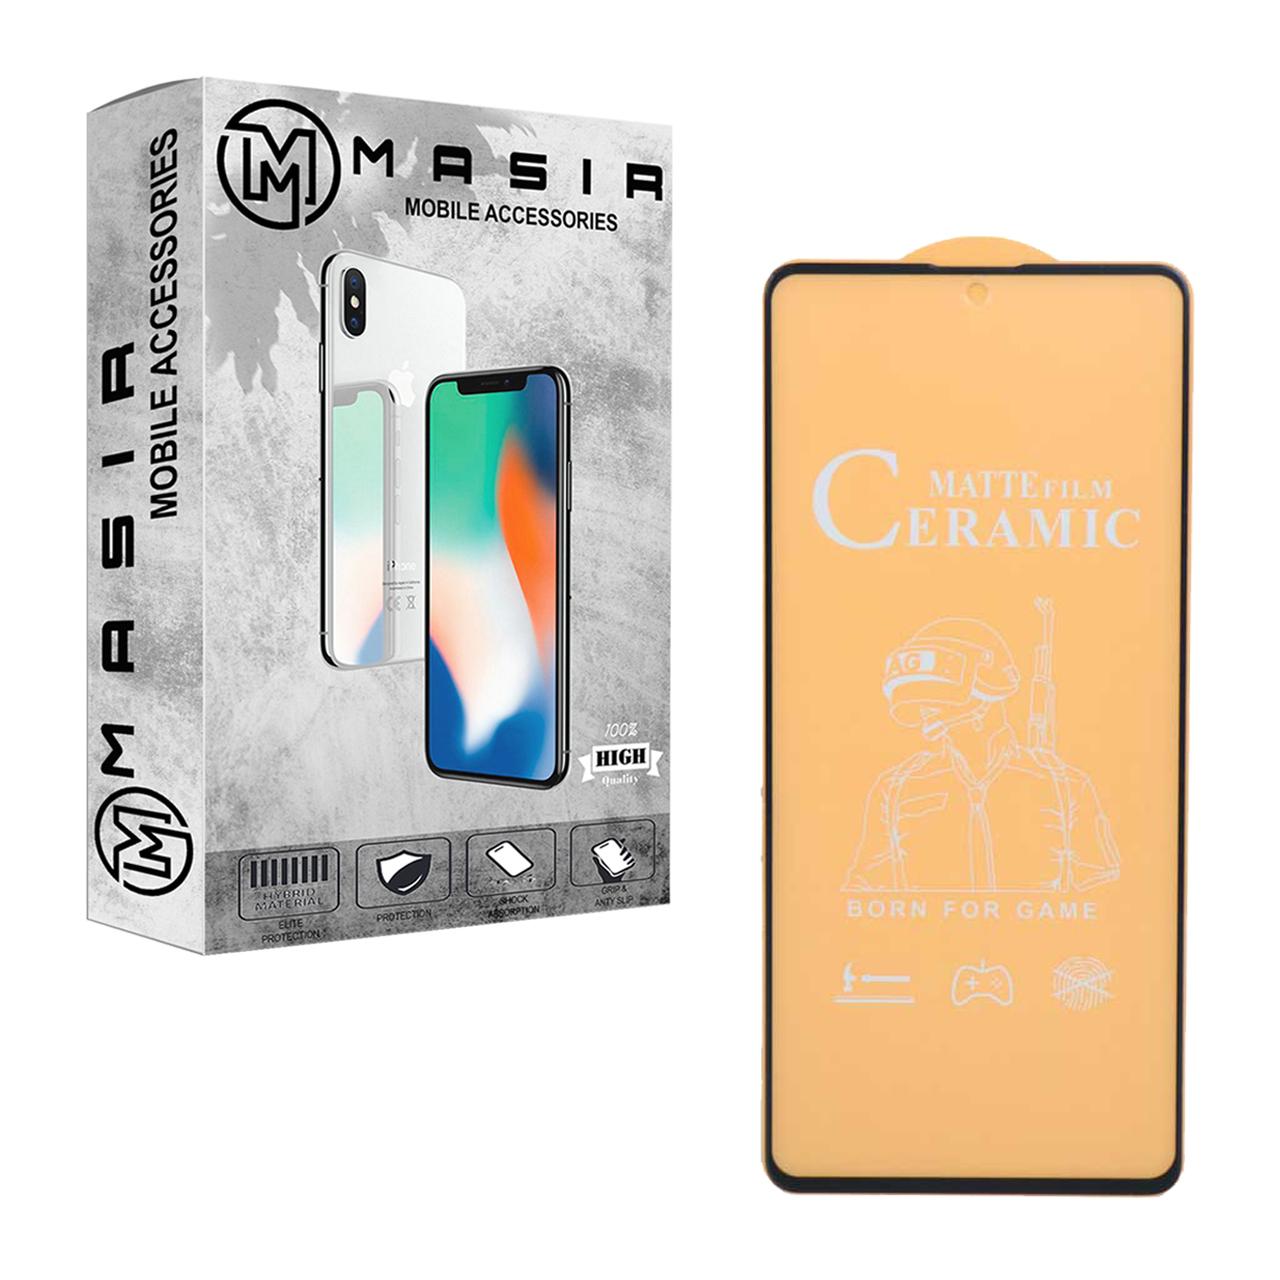 محافظ صفحه نمایش مات مسیر مدل MCRMCM-1 مناسب برای گوشی موبایل سامسونگ Galaxy A51              ( قیمت و خرید)